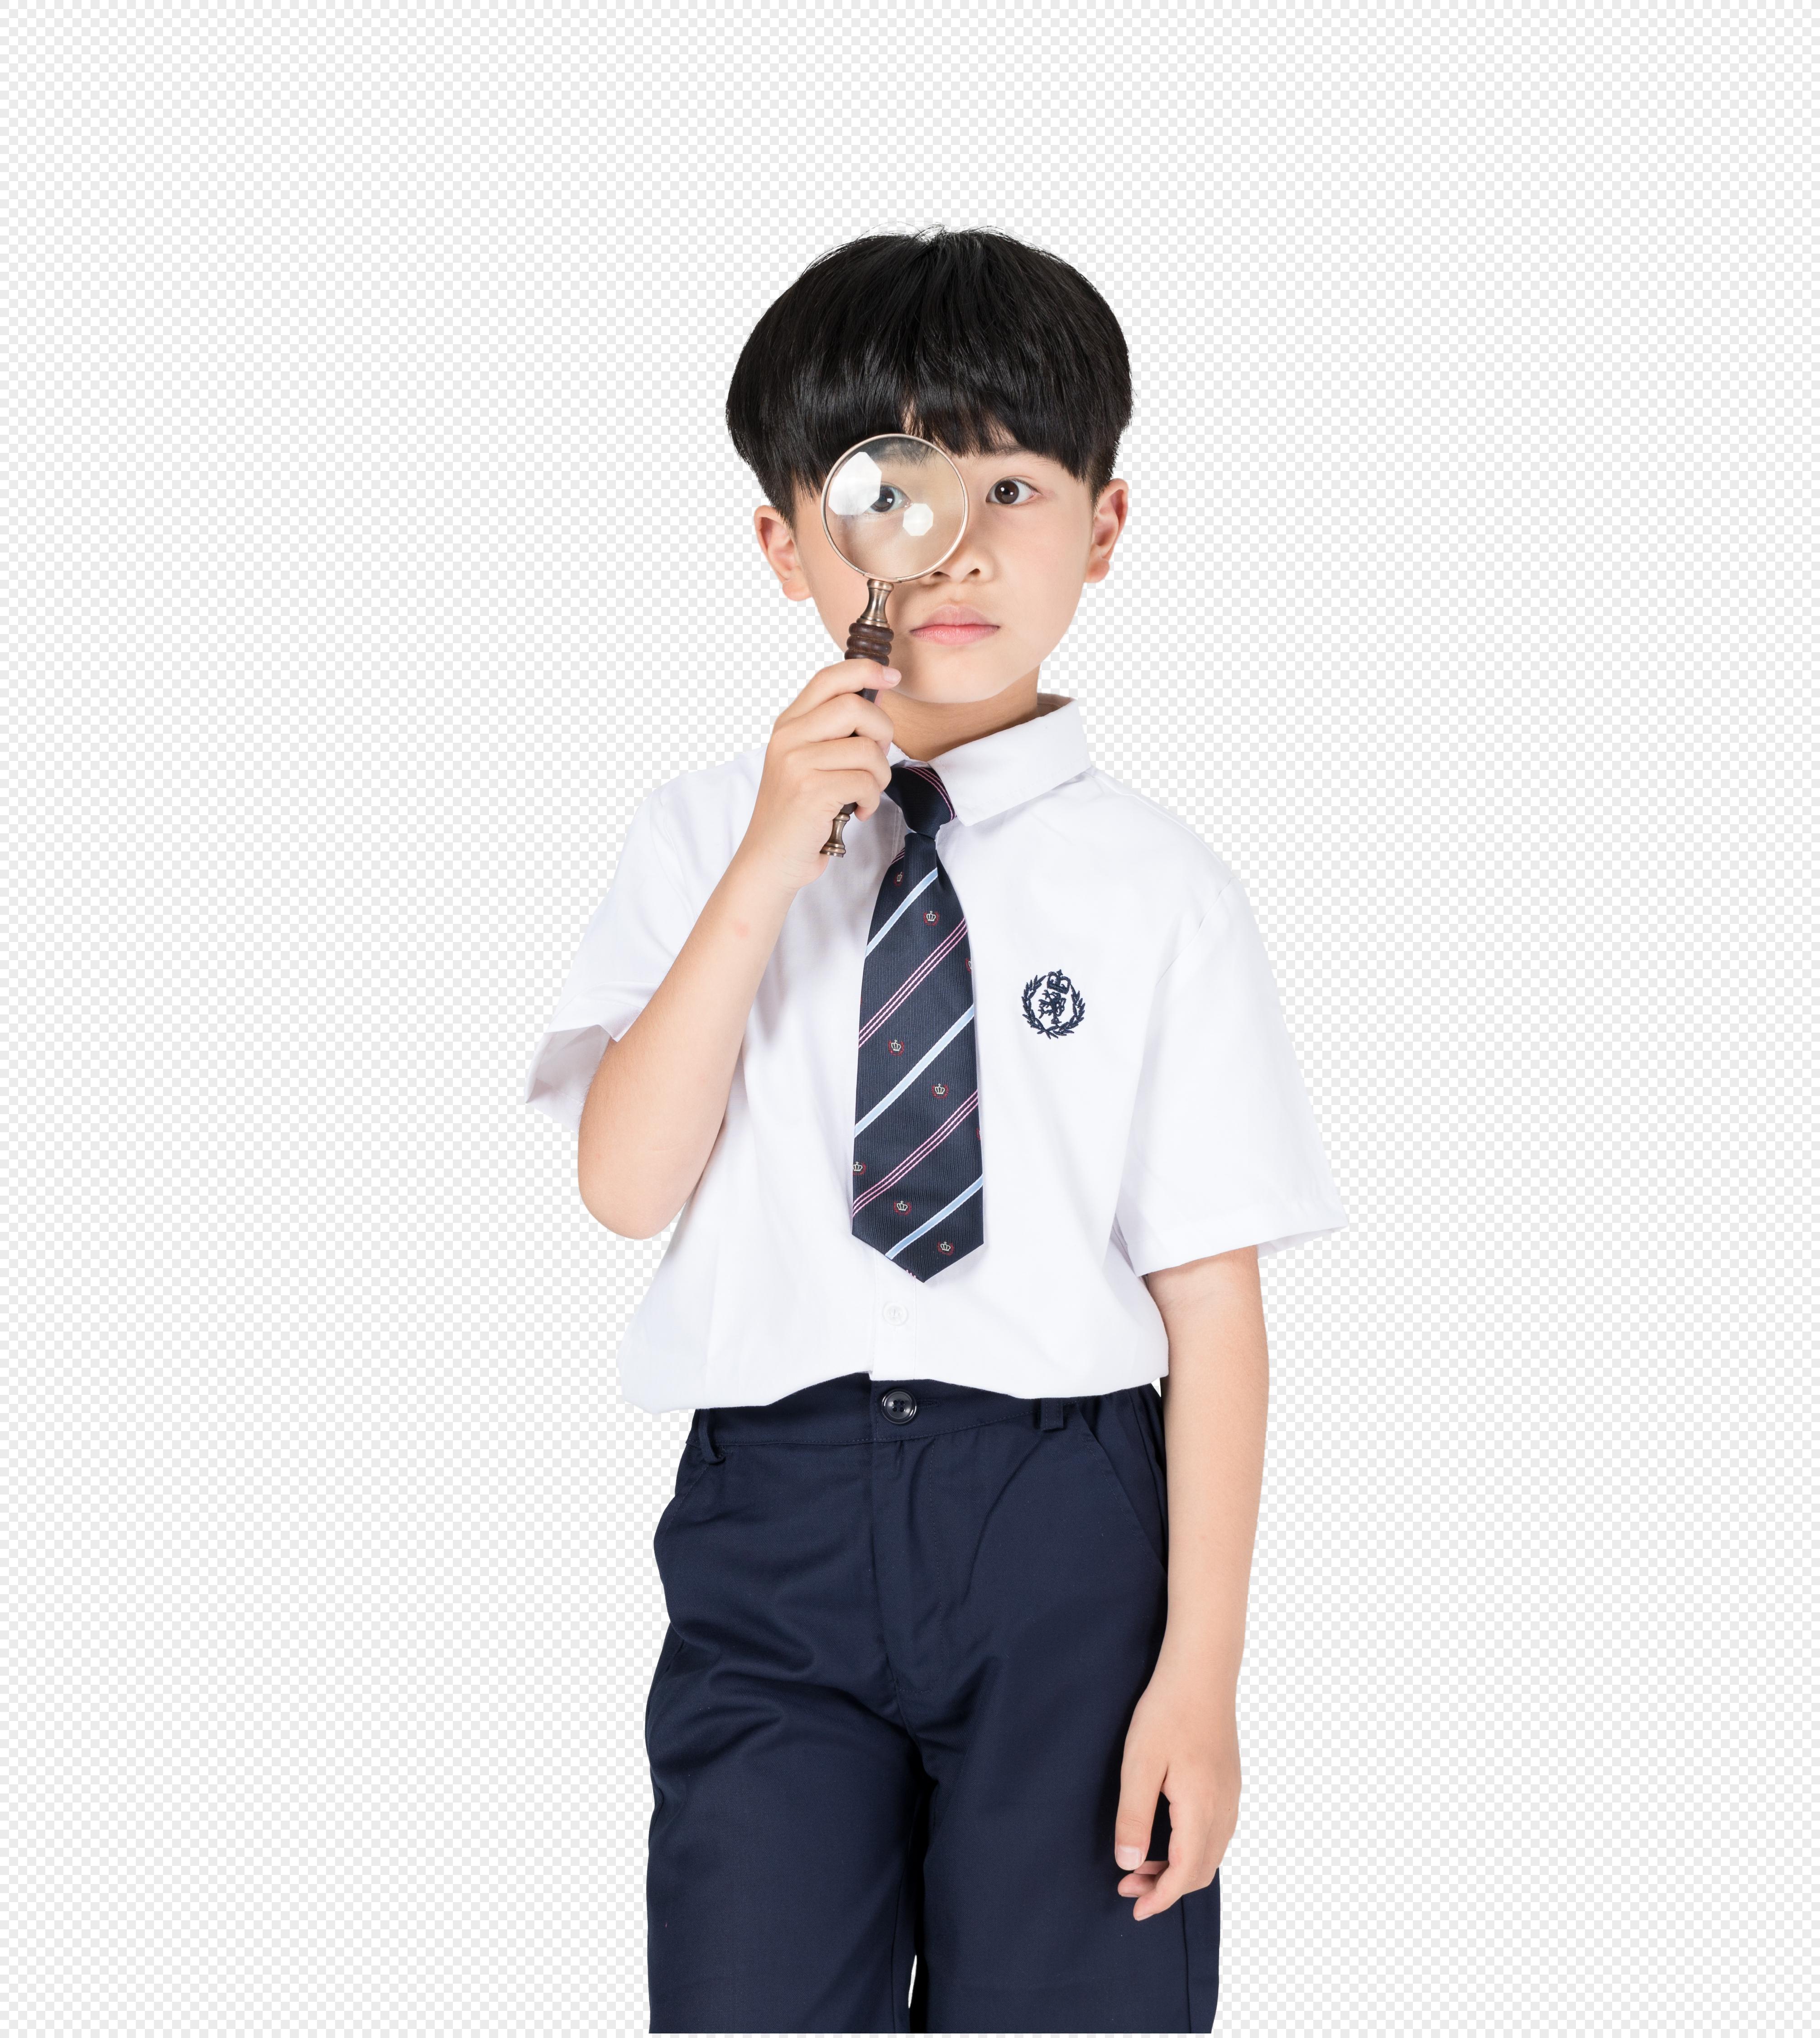 可爱男生拿着放大镜探索学习的小男孩图片图片拿着放大镜探索学习的小